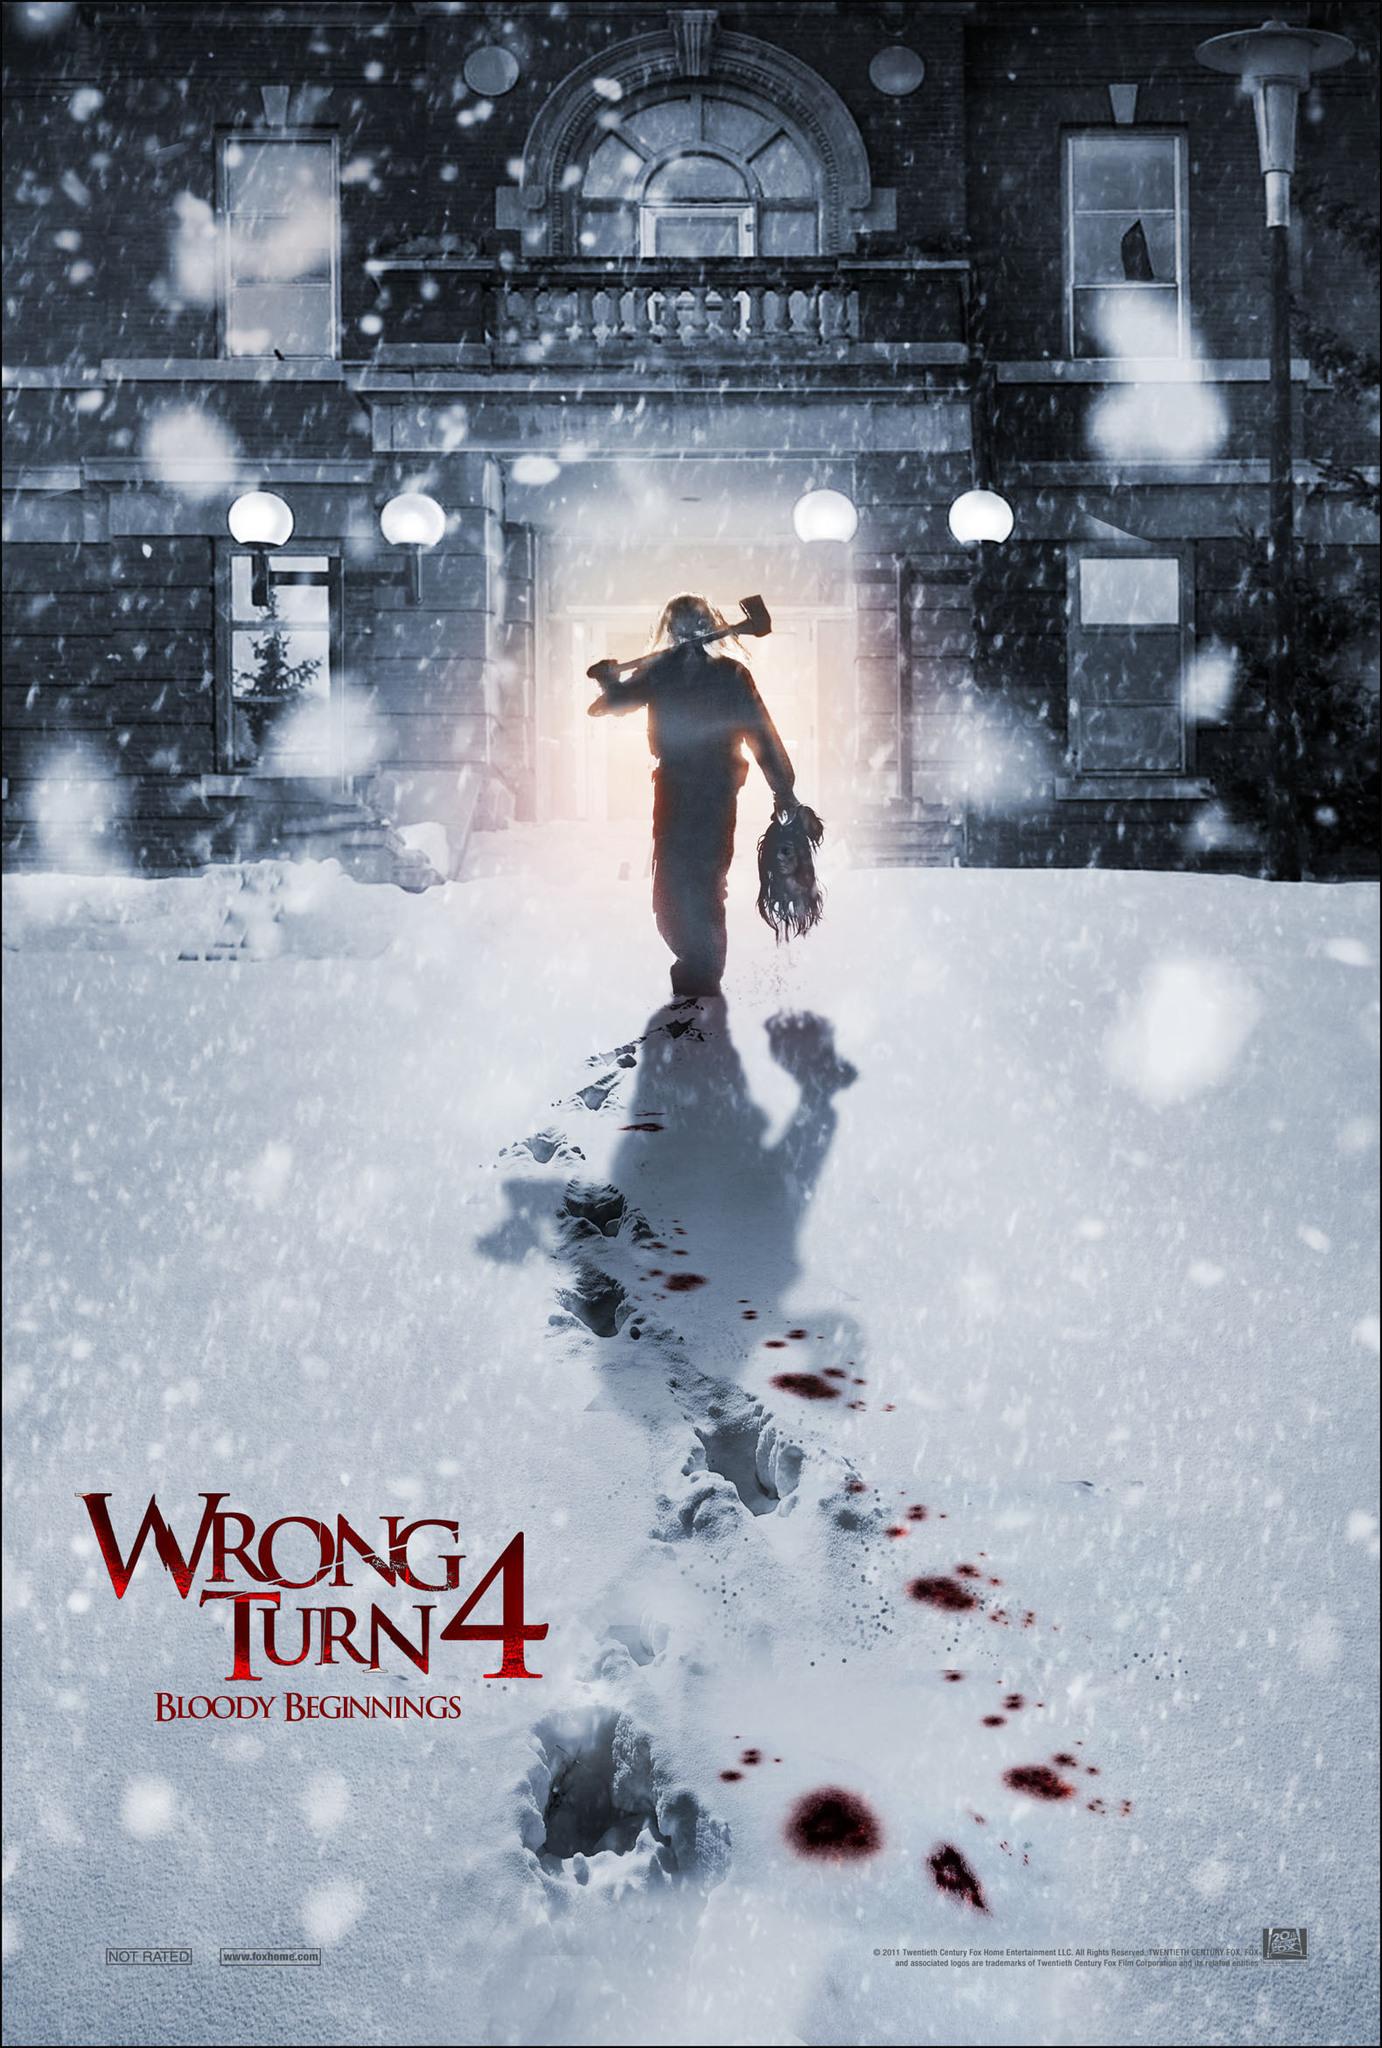 ดูหนังออนไลน์ฟรี Wrong Turn 4 Bloody Beginnings (2011) ปลุกโหดโรงเชือดสยอง หนังเต็มเรื่อง หนังมาสเตอร์ ดูหนังHD ดูหนังออนไลน์ ดูหนังใหม่